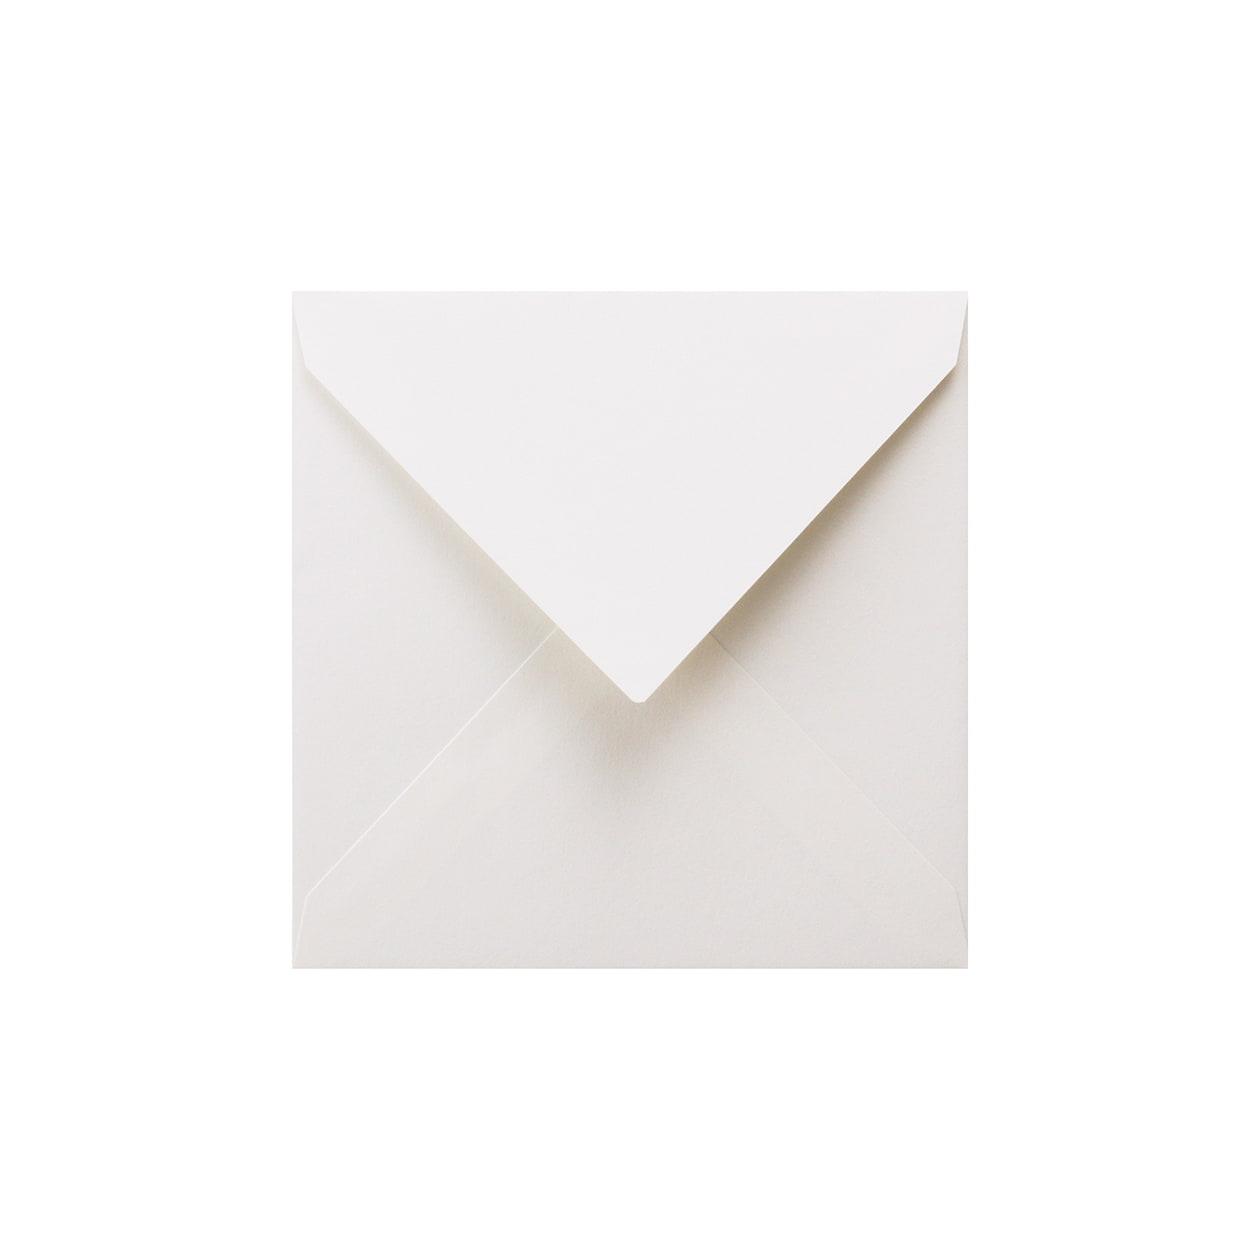 サンプル 封筒・袋 00101